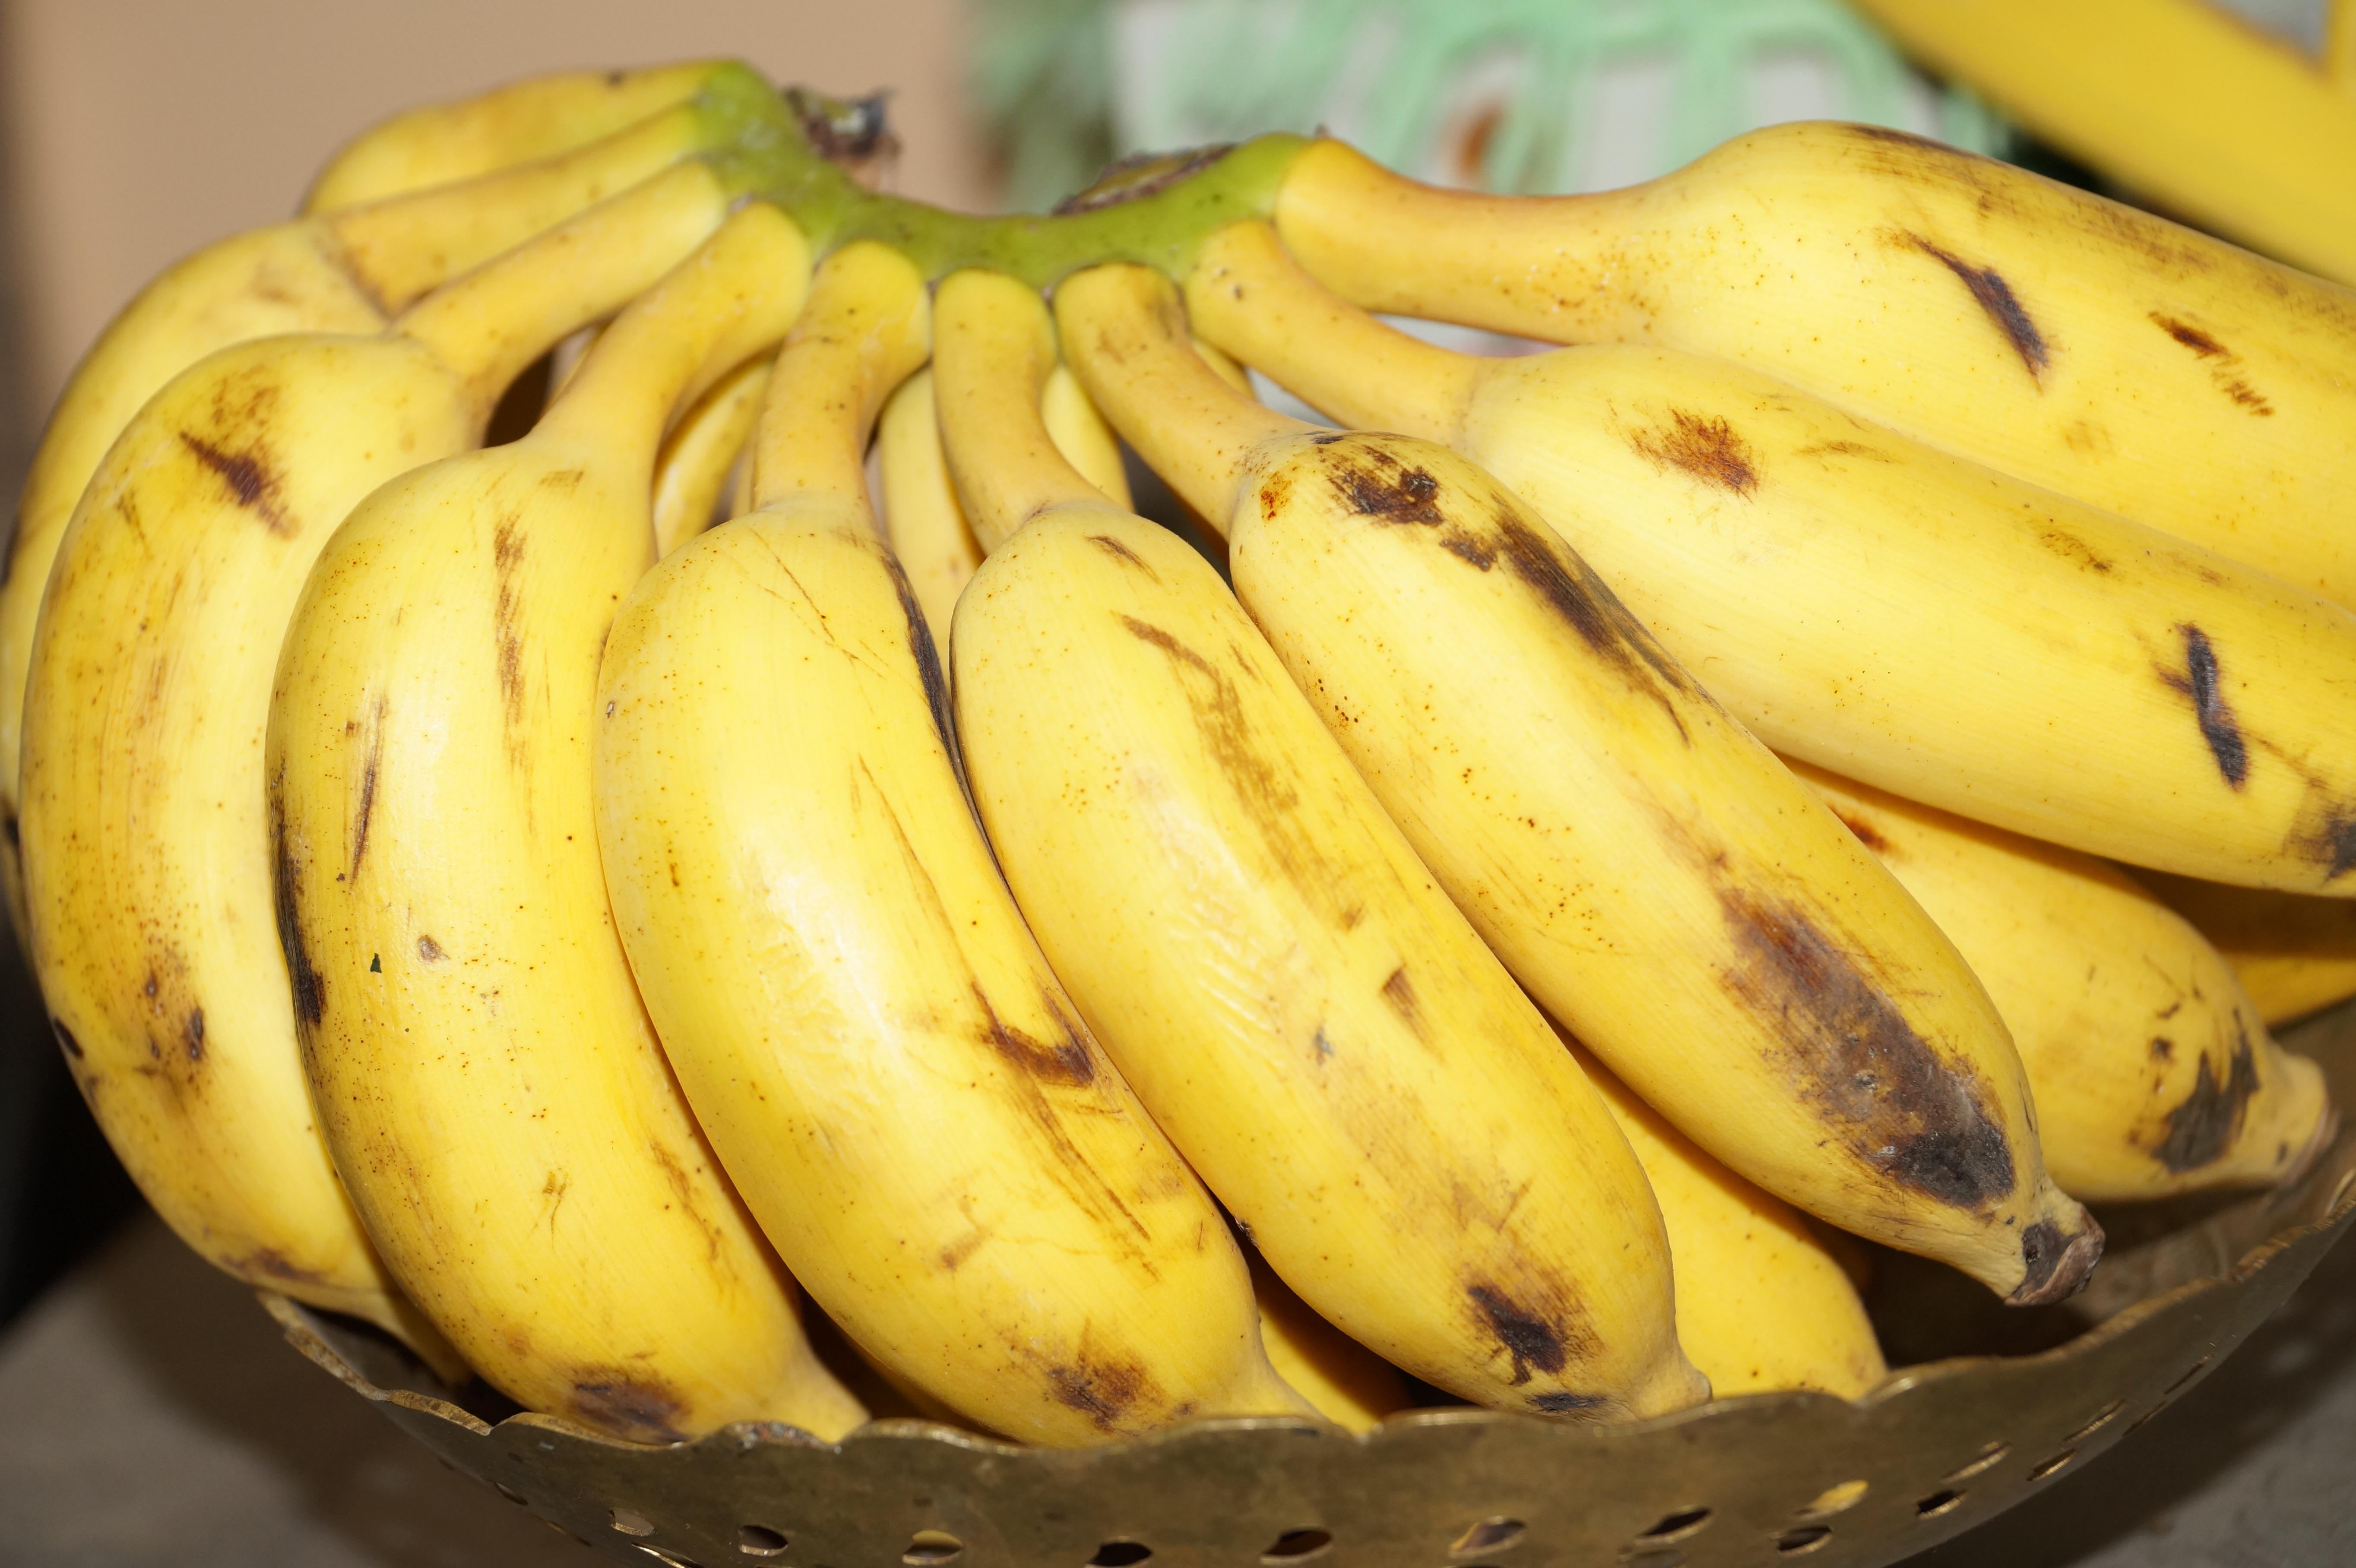 там бананы сорта в картинках удочка универсальный